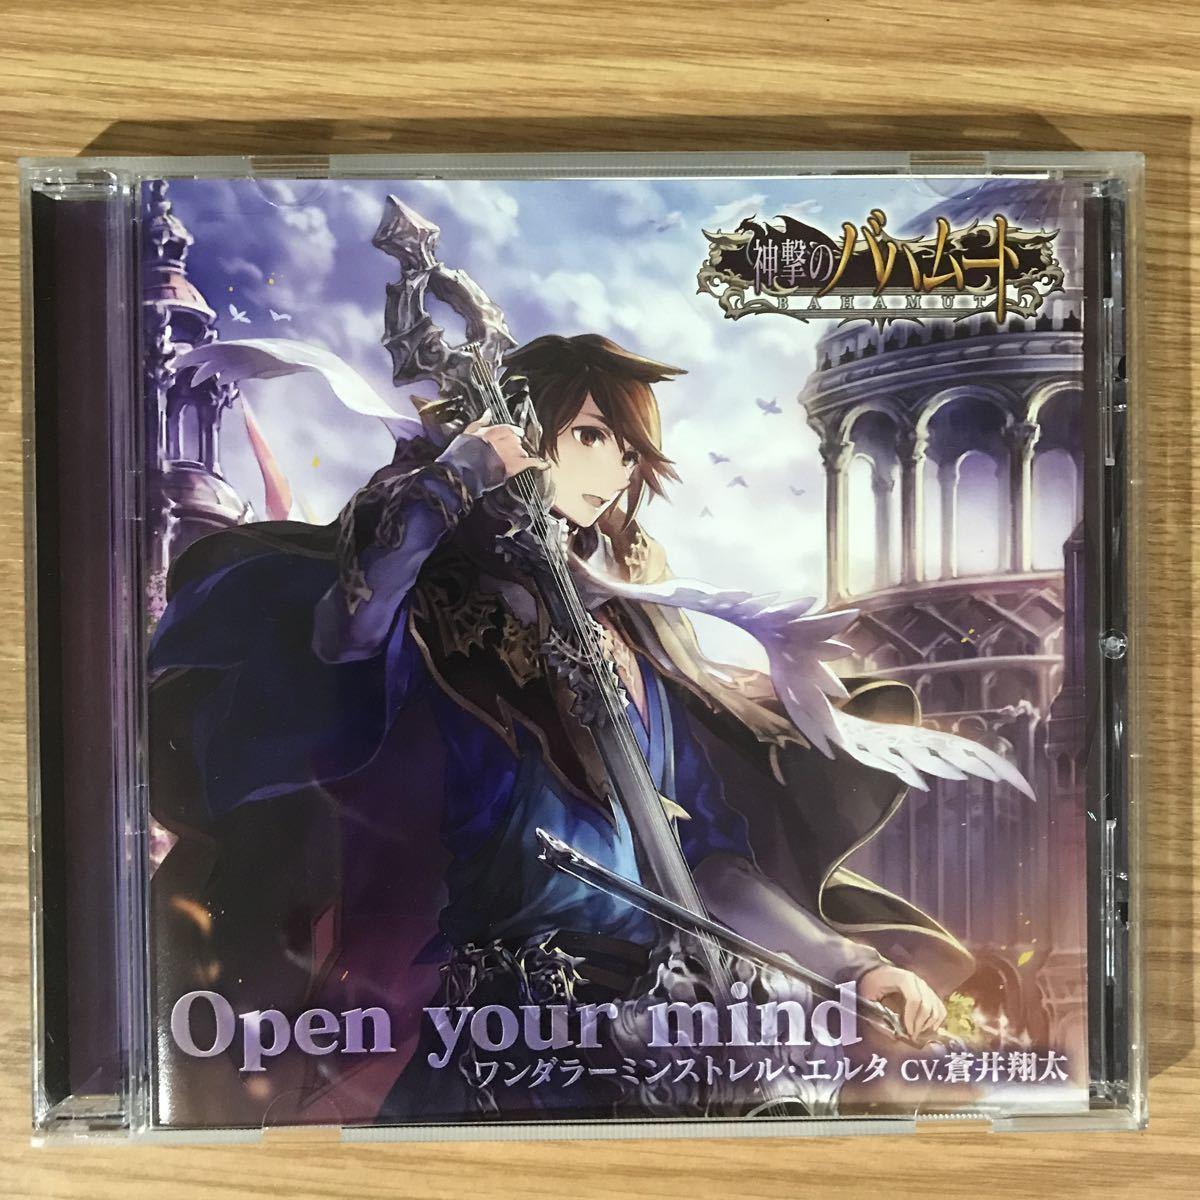 (B16)帯付 中古CD100円 ワンダラーミンストレルエルタ Open your mind_画像1